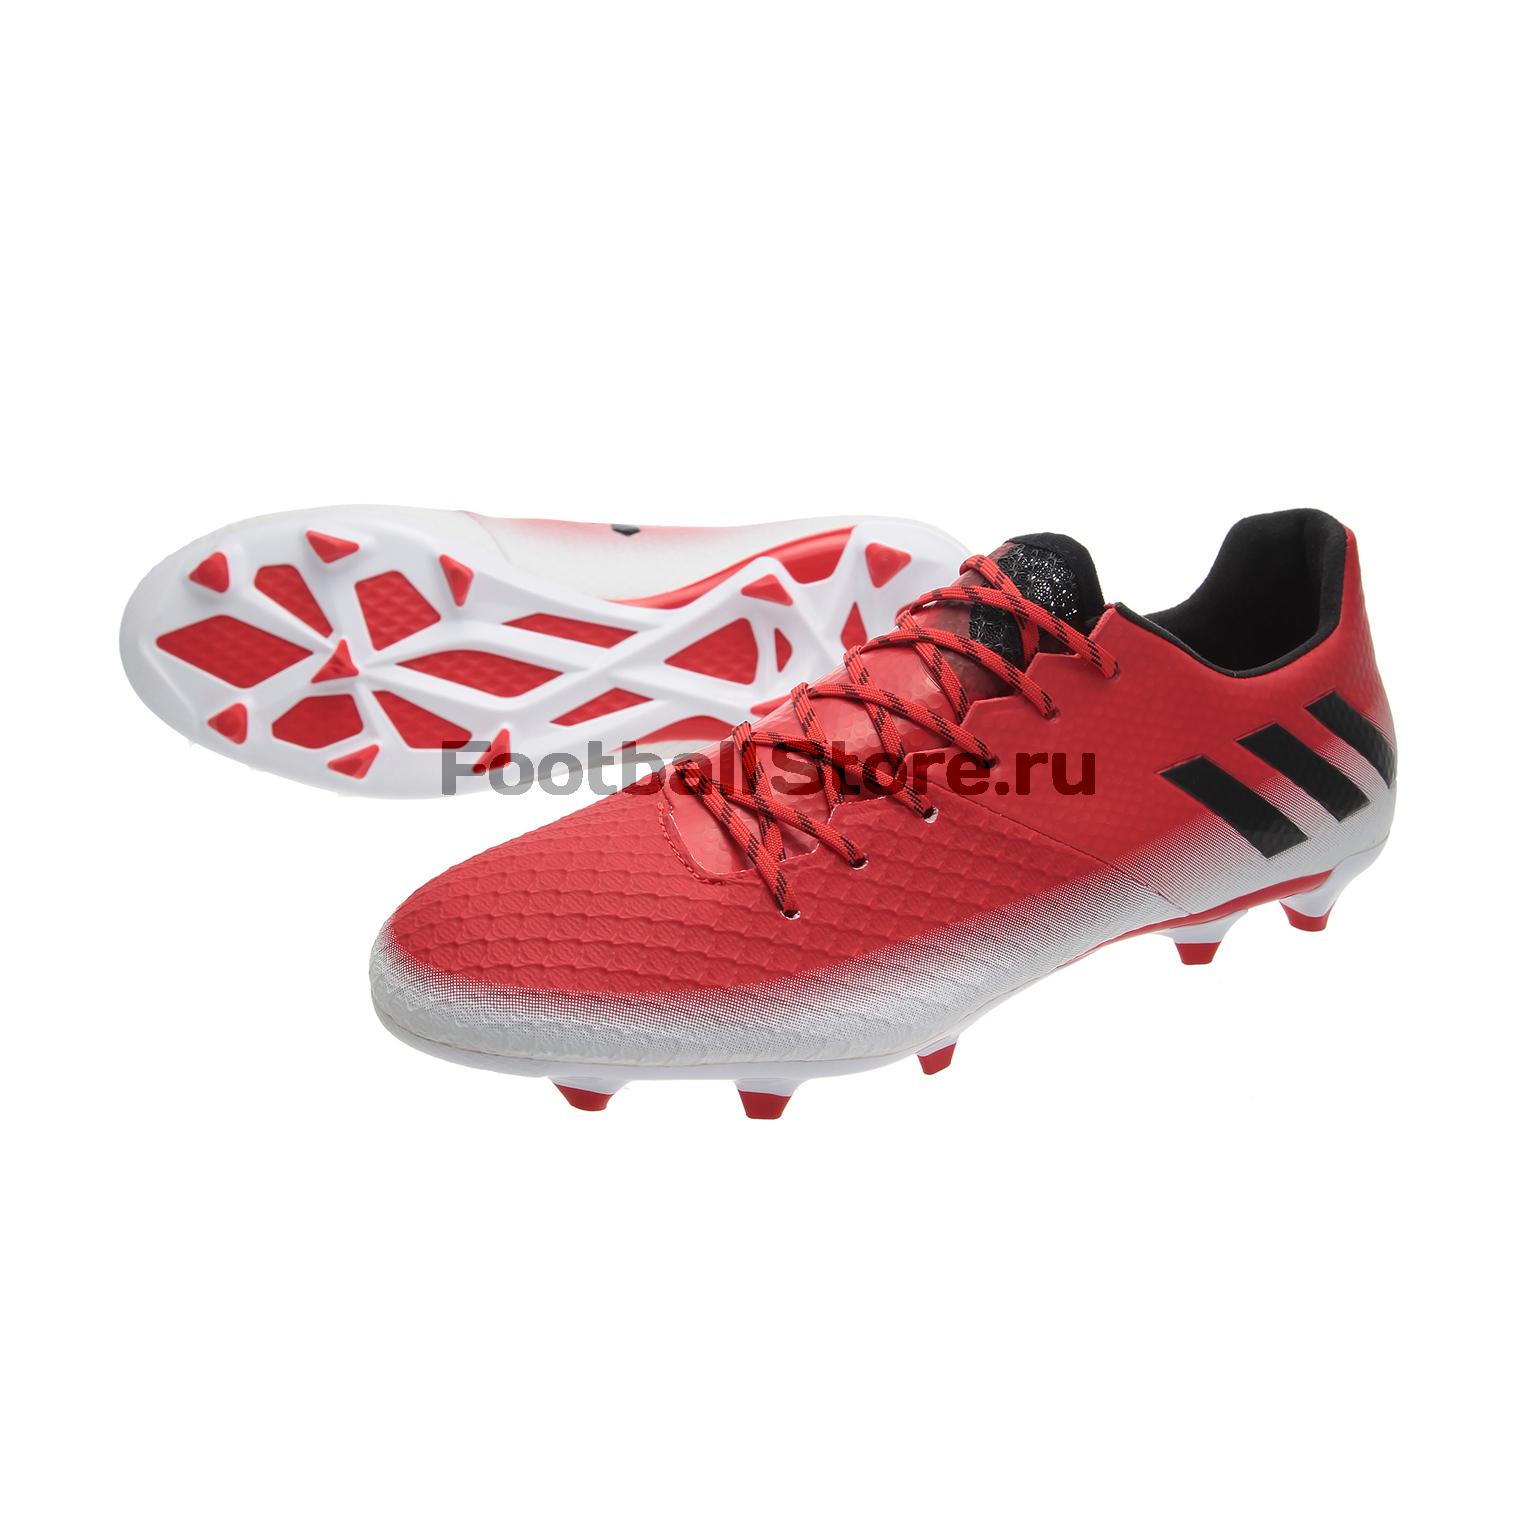 Бутсы Adidas Messi 16.2 FG BA9144 игровые бутсы adidas бутсы adidas ace 17 1 fg by2459